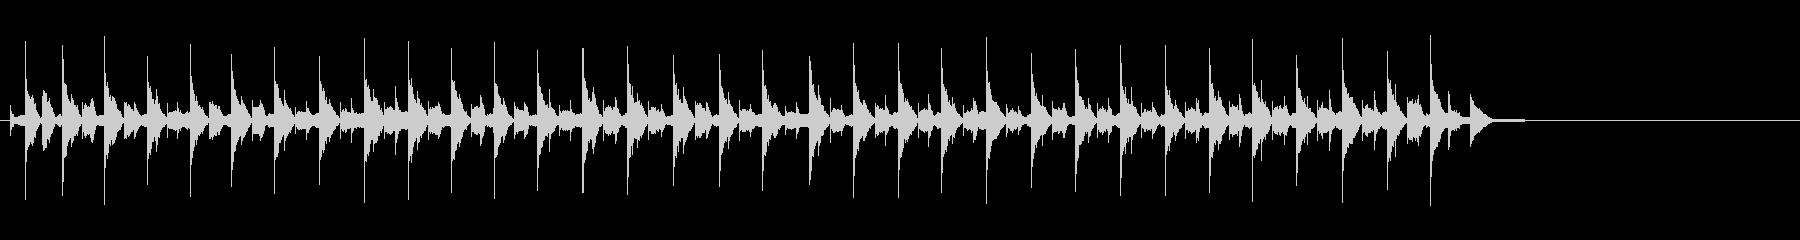 メタルラトルノイズメーカー:ミディ...の未再生の波形